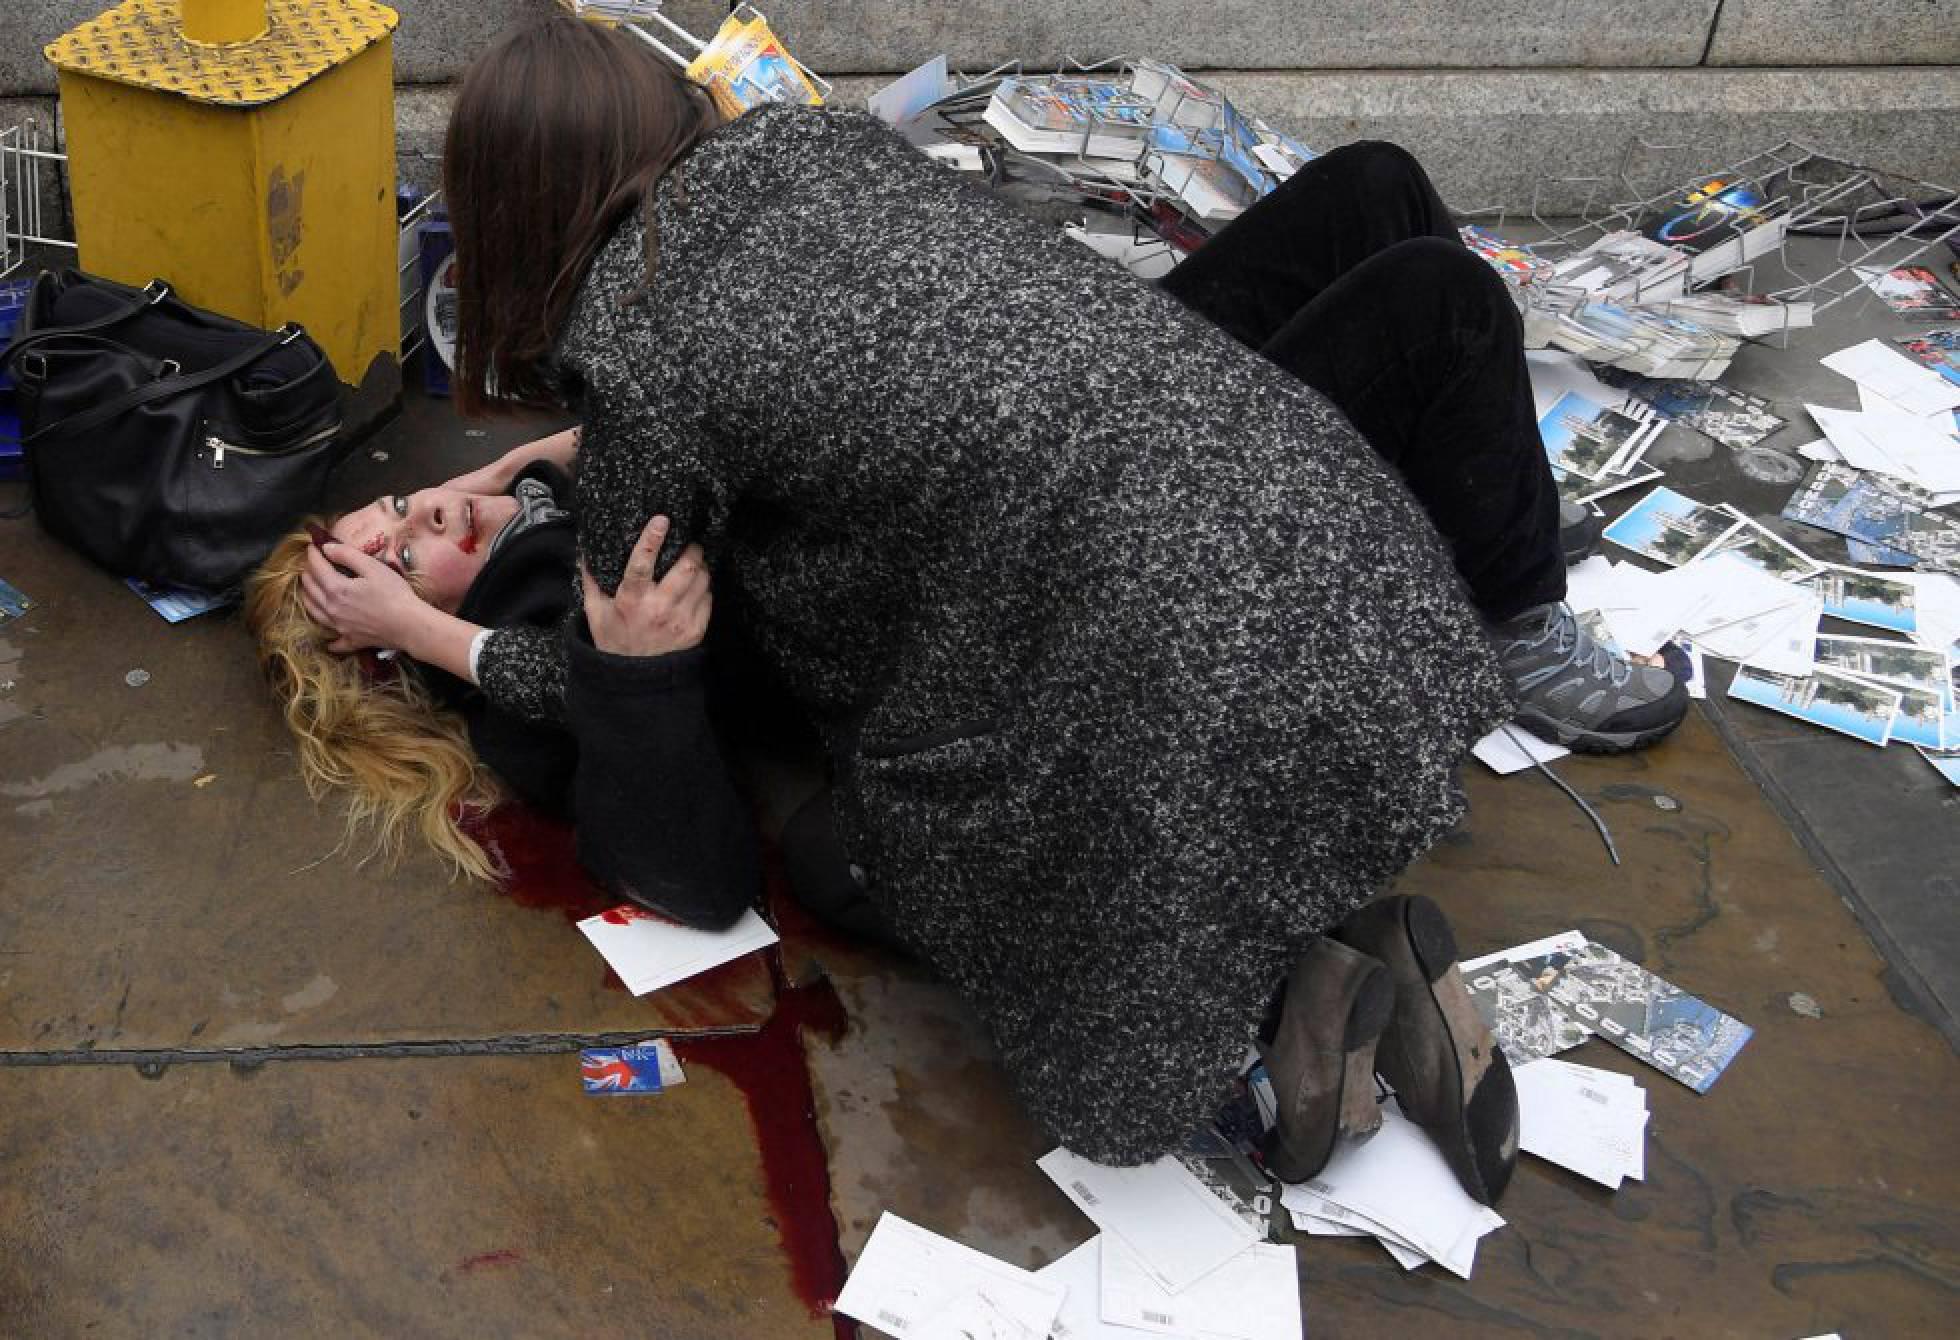 Una mujer socorre a una de las víctimas del atropello masivo en el puente de Westminster en Londres (Gran Bretaña), el 22 de marzo de 2017. Fotografía nominada en las categorías 'Photo of the Year' y 'Temas de actualidad' del fotógrafo Toby Melvill de la agencia REUTERS.